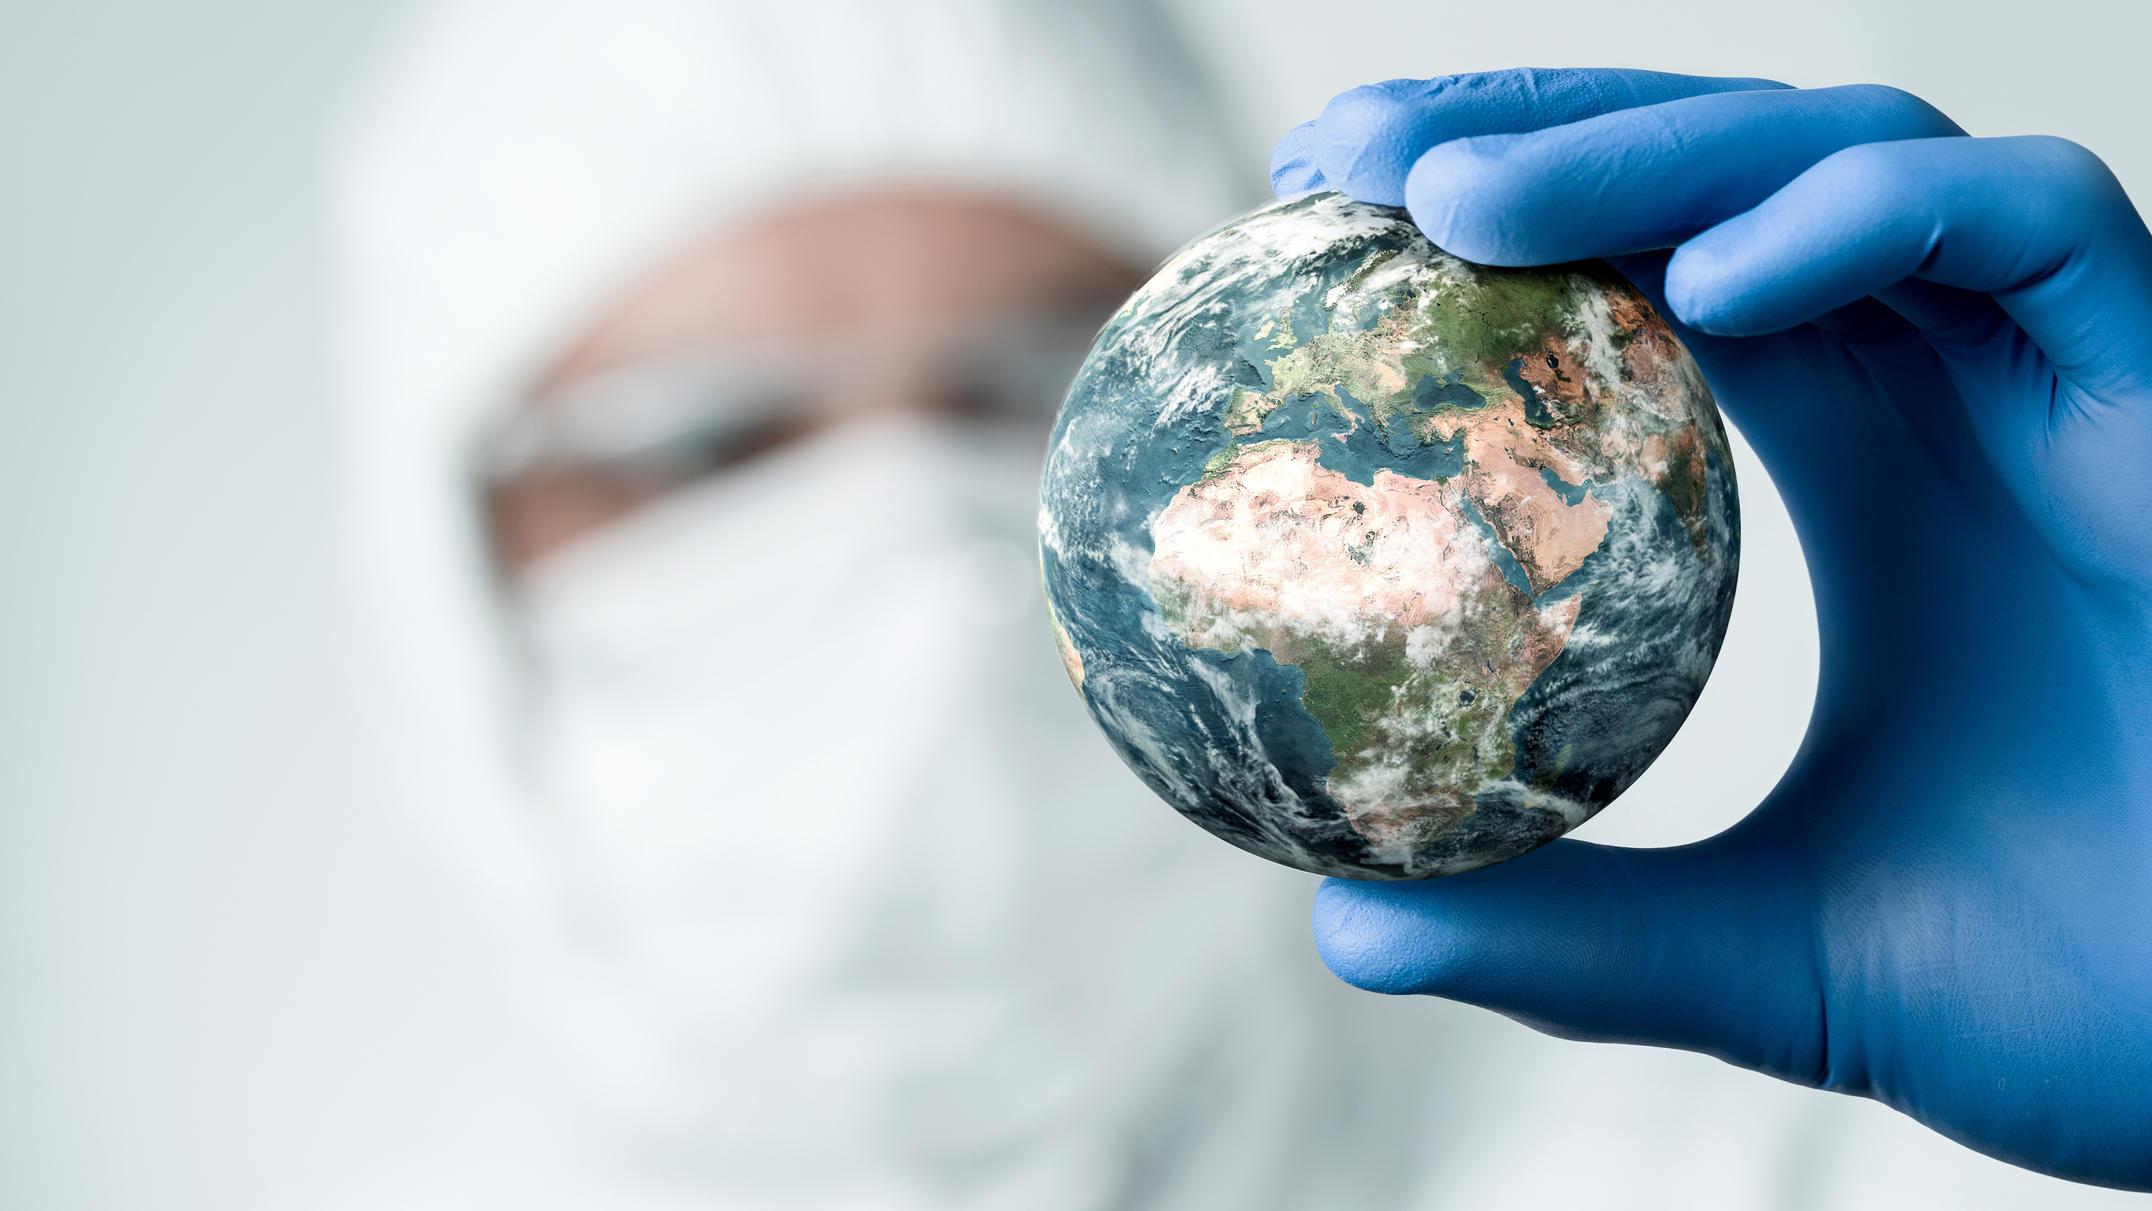 Forscher erkennen neues Corona-Muster: Ist die Pandemie endlich auf dem Rückzug? - RTL Online